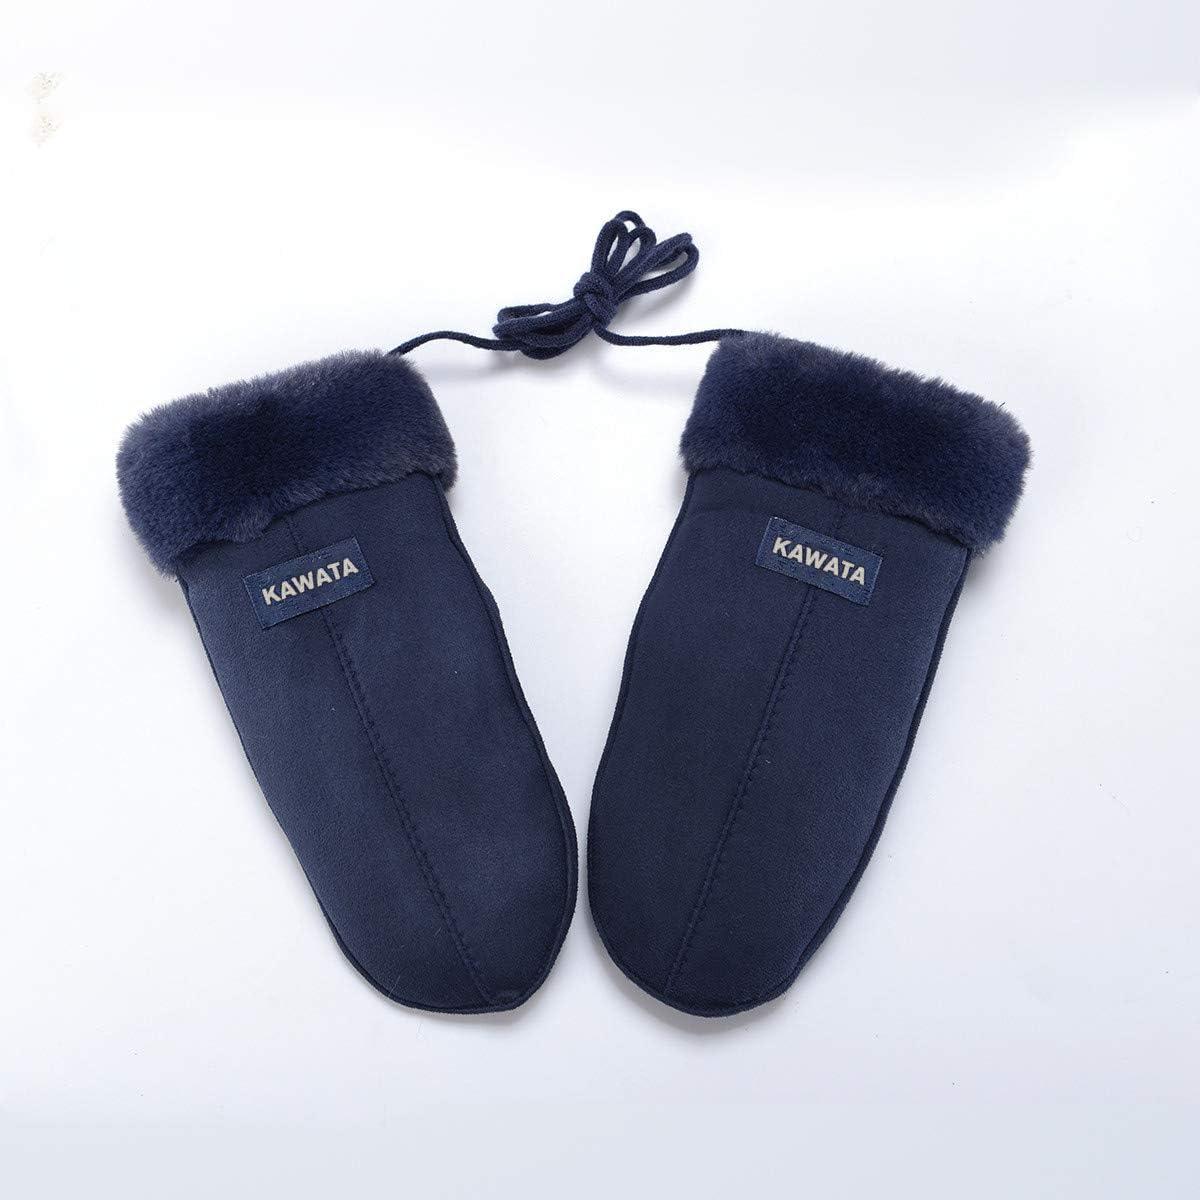 KAWATA Gloves winter plus velvet thickened cold-proof student full finger gloves